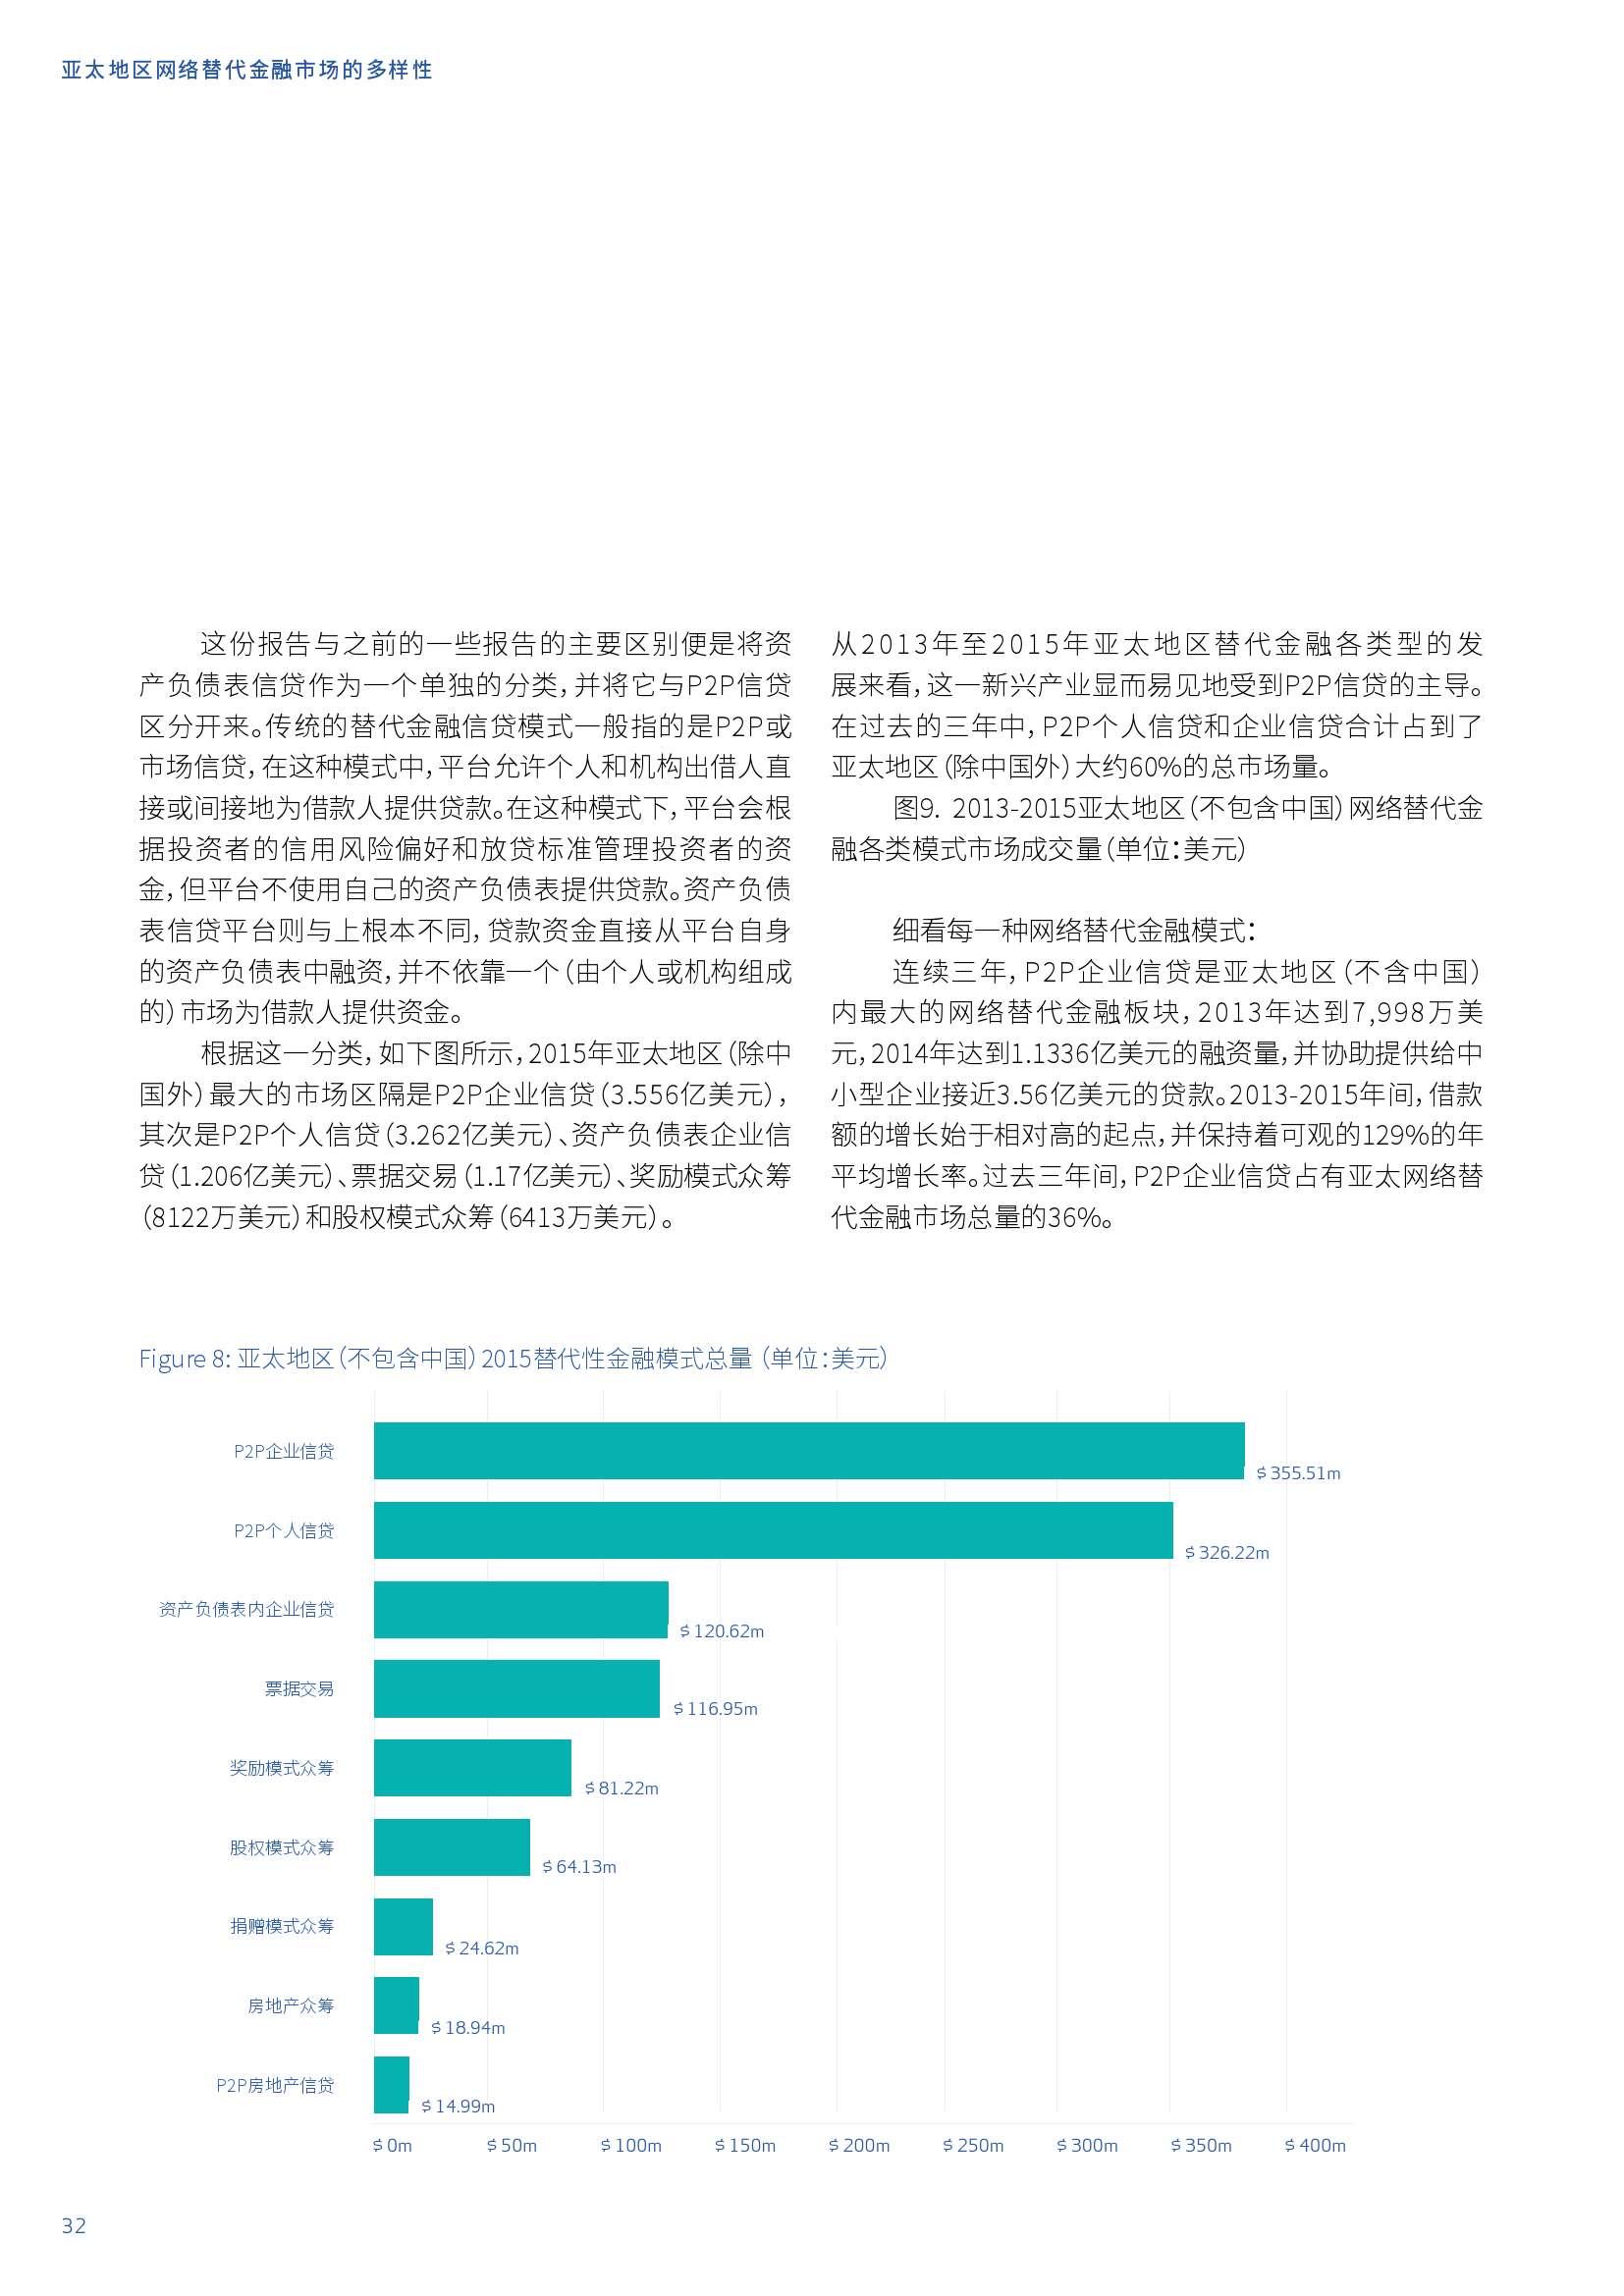 亚太地区网络替代金融基准报告_000032